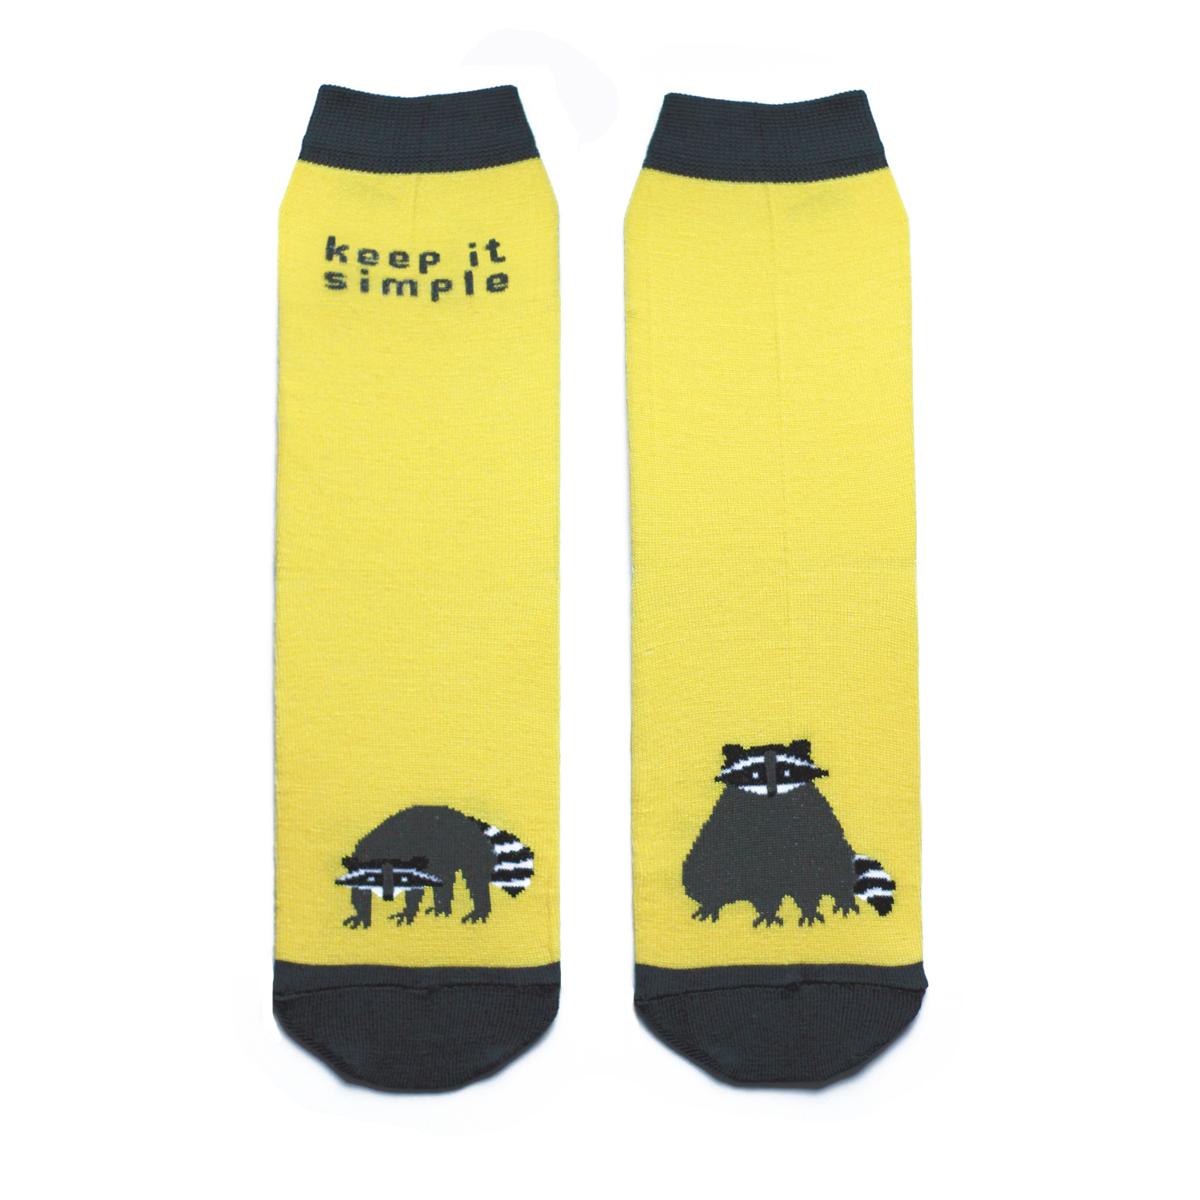 Носкиca1221Яркие женские носки Big Bang Socks изготовлены из высококачественного хлопка с добавлением полиамидных и эластановых волокон, которые обеспечивают великолепную посадку. Носки отличаются ярким стильным дизайном, они оформлены изображением енота и надписью: Keep it simple. Удобная резинка идеально облегает ногу и не пережимает сосуды, усиленные пятка и мысок повышают износоустойчивость носка, а удлиненный паголенок придает более эстетичный вид. Дизайнерские носки Big Bang Socks - яркая деталь в вашем образе и оригинальный подарок для друзей и близких.